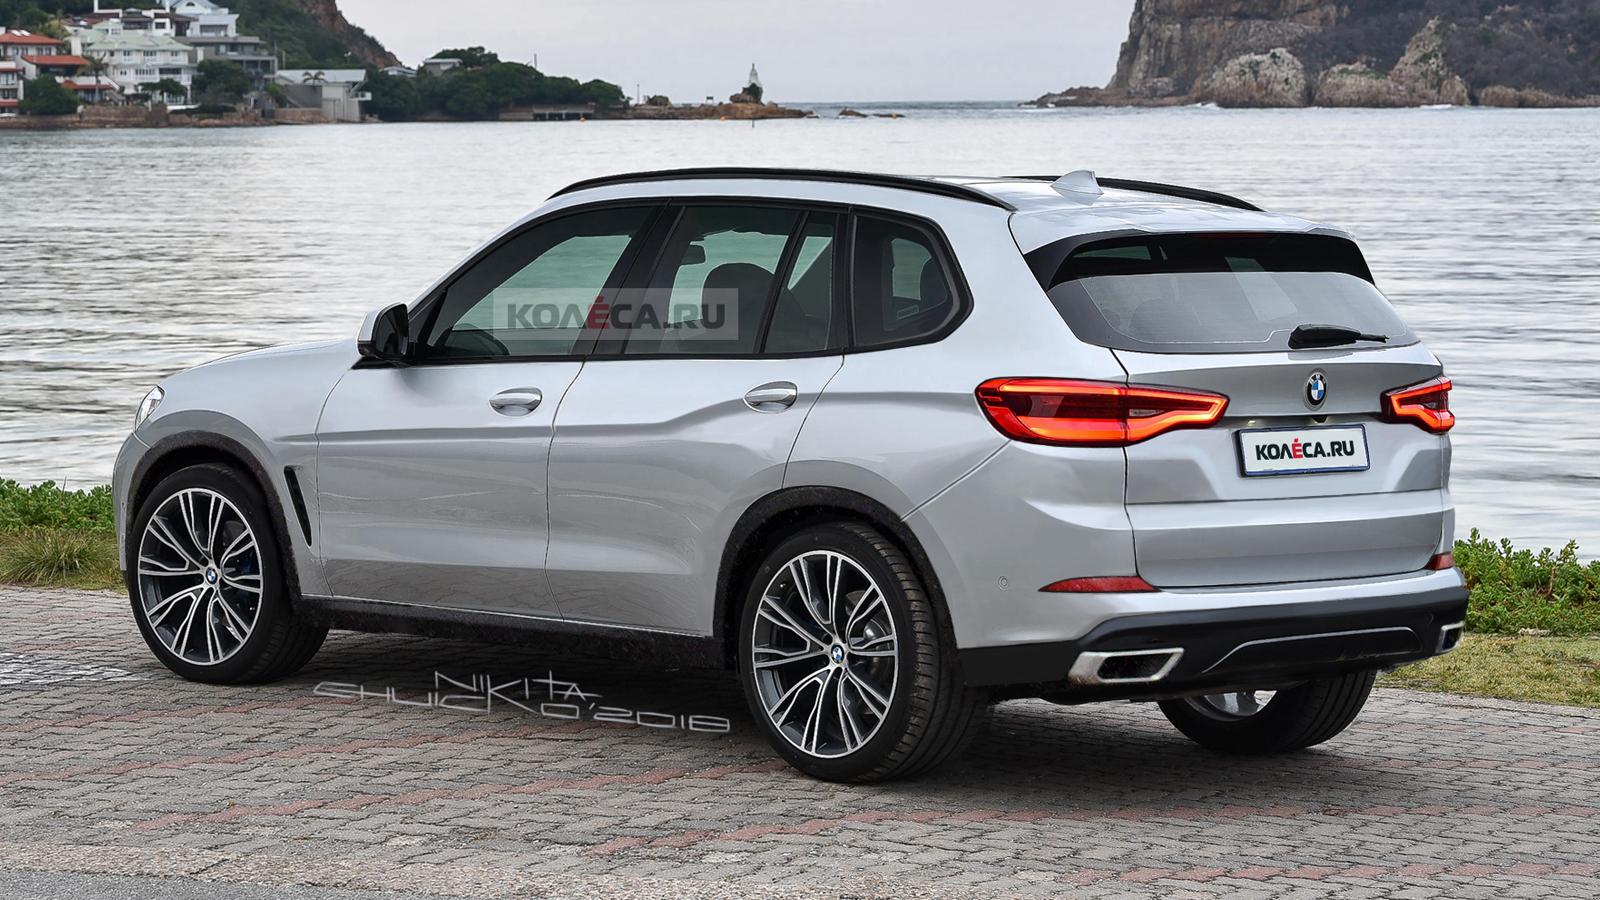 2018 Bmw X Bmw X5 >> Новый BMW X5 G05 - Колеса.ру